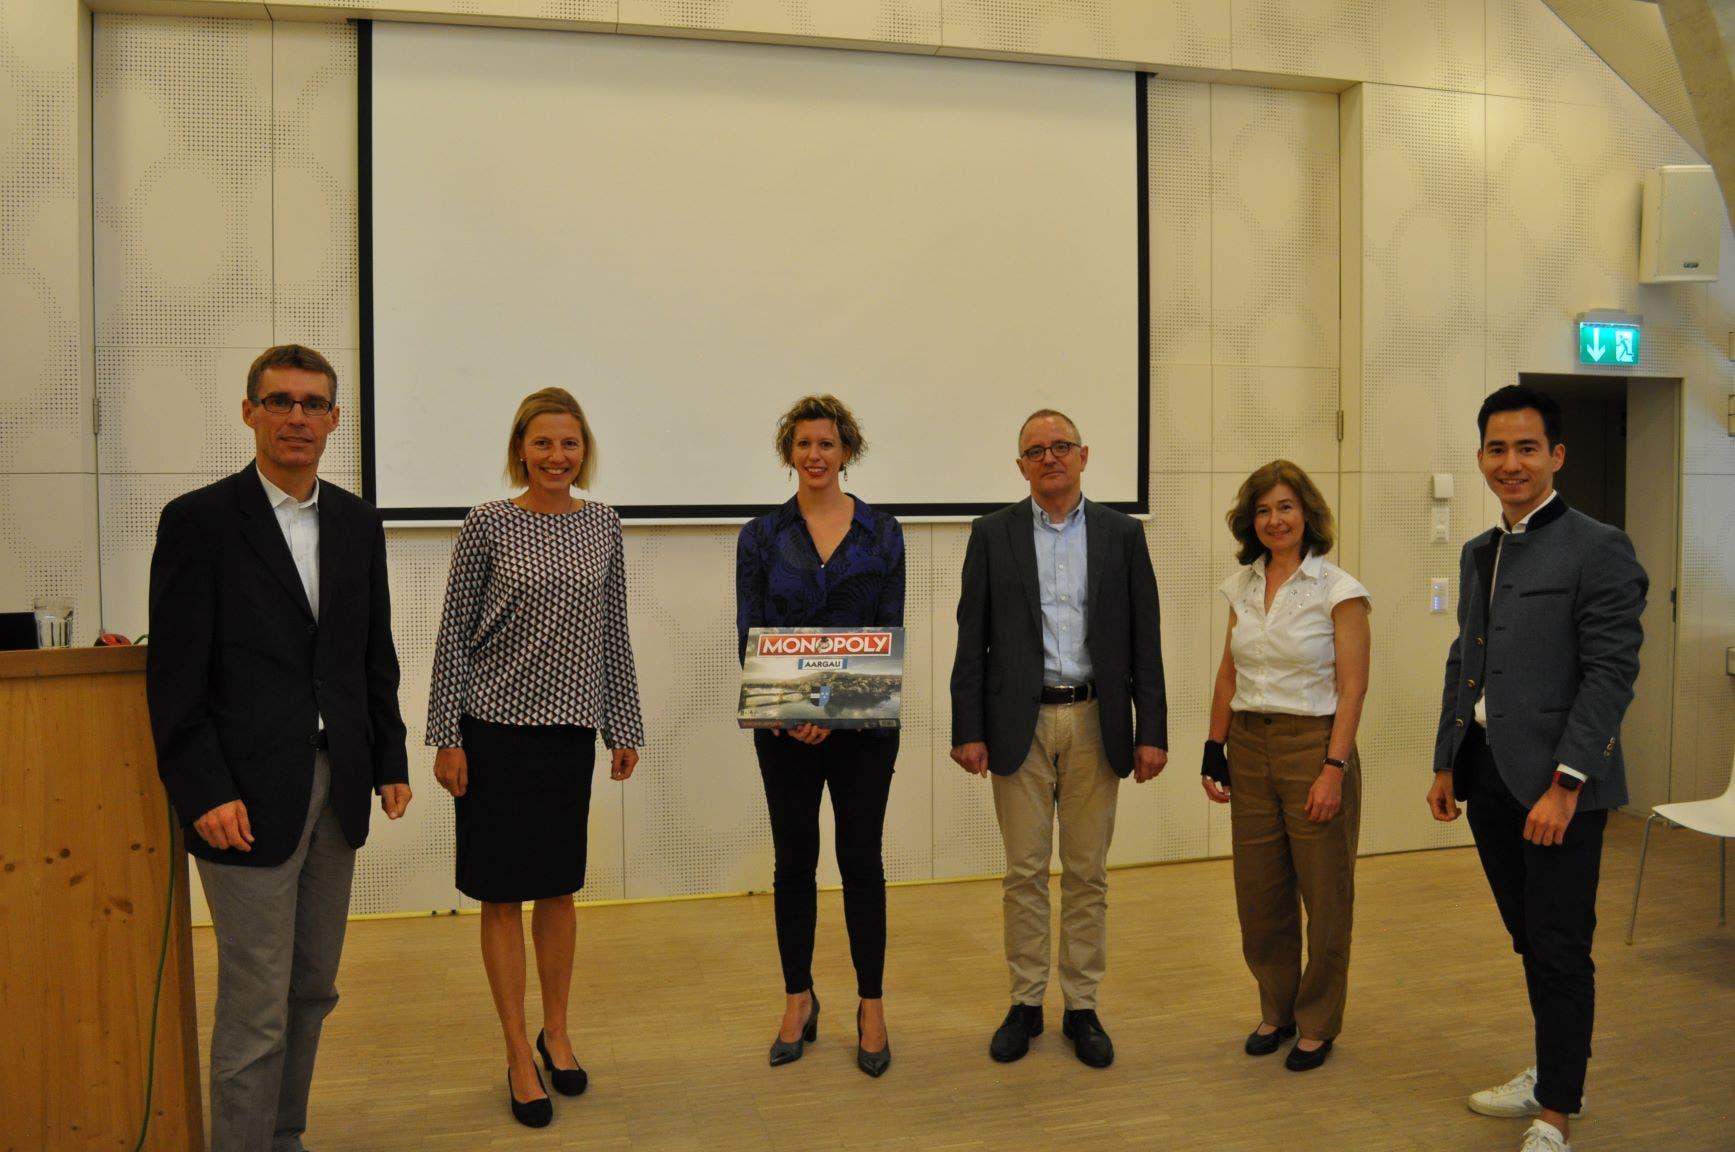 Grossratskandidaten- und kandidatinnen mit Unternehmerin Miriam Ragaz-Gassler v.l.n.r. die beiden Grossräte Lukas Pfisterer und Suzanne Marclay-Merz, Referentin Miriam Ragaz-Gassler, Stadtpräsident Hanspeter Hilfiker (alle FDP) sowie Brigitte Schwaller (CVP) und Jannick Berner (FDP).